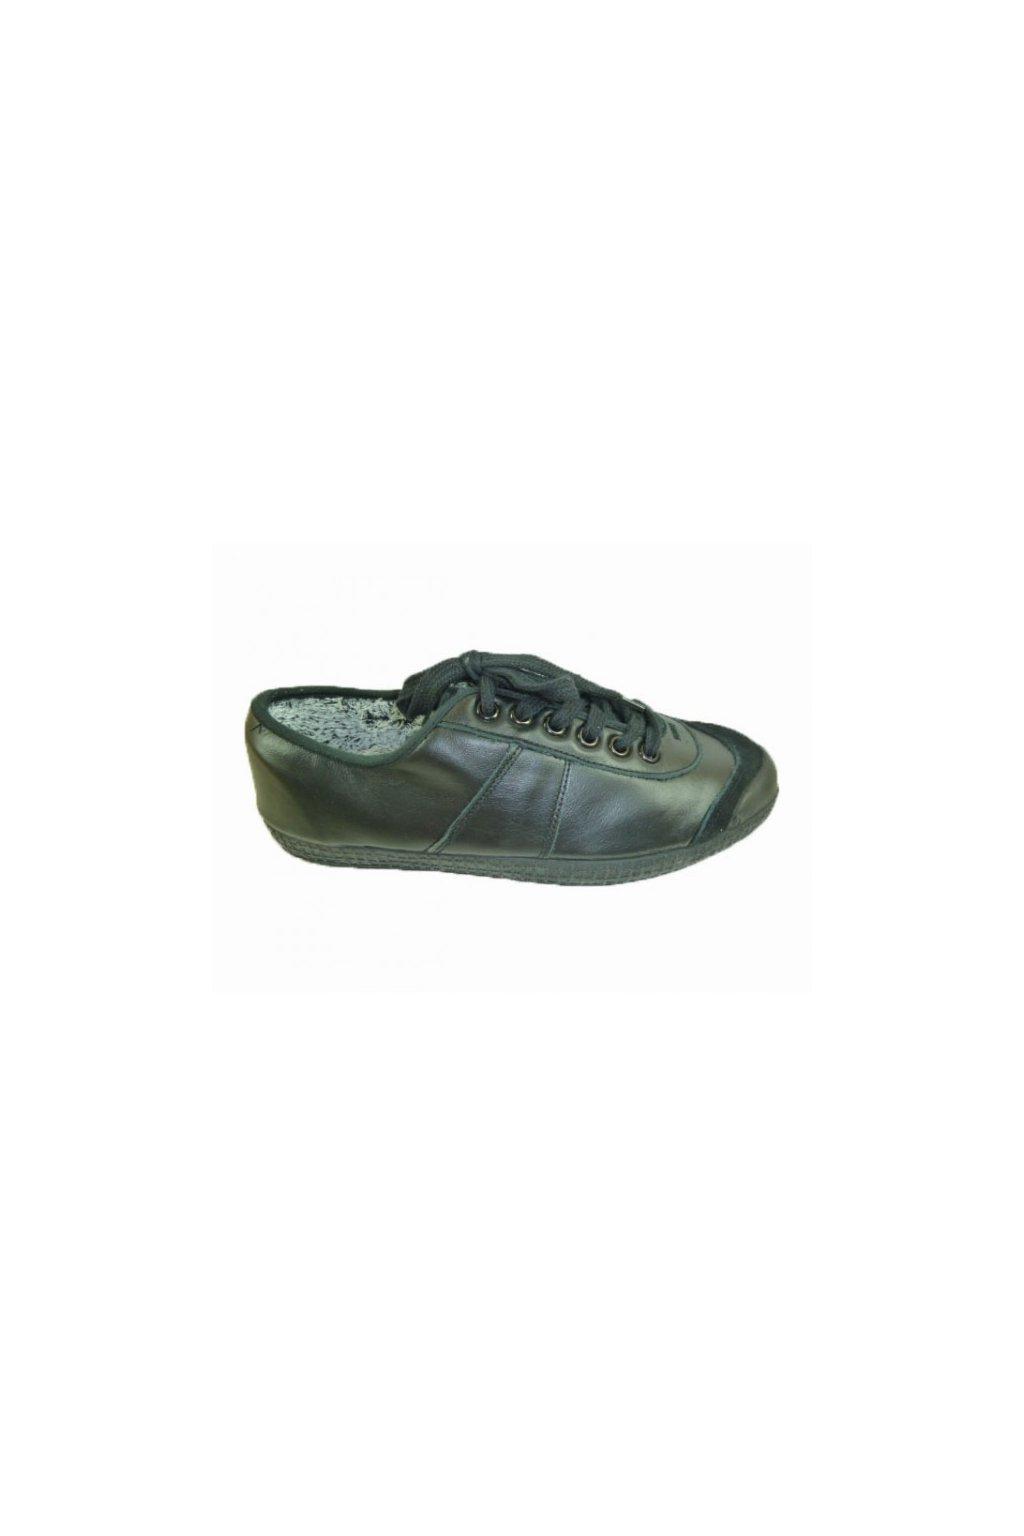 T-shoes 1704 černá